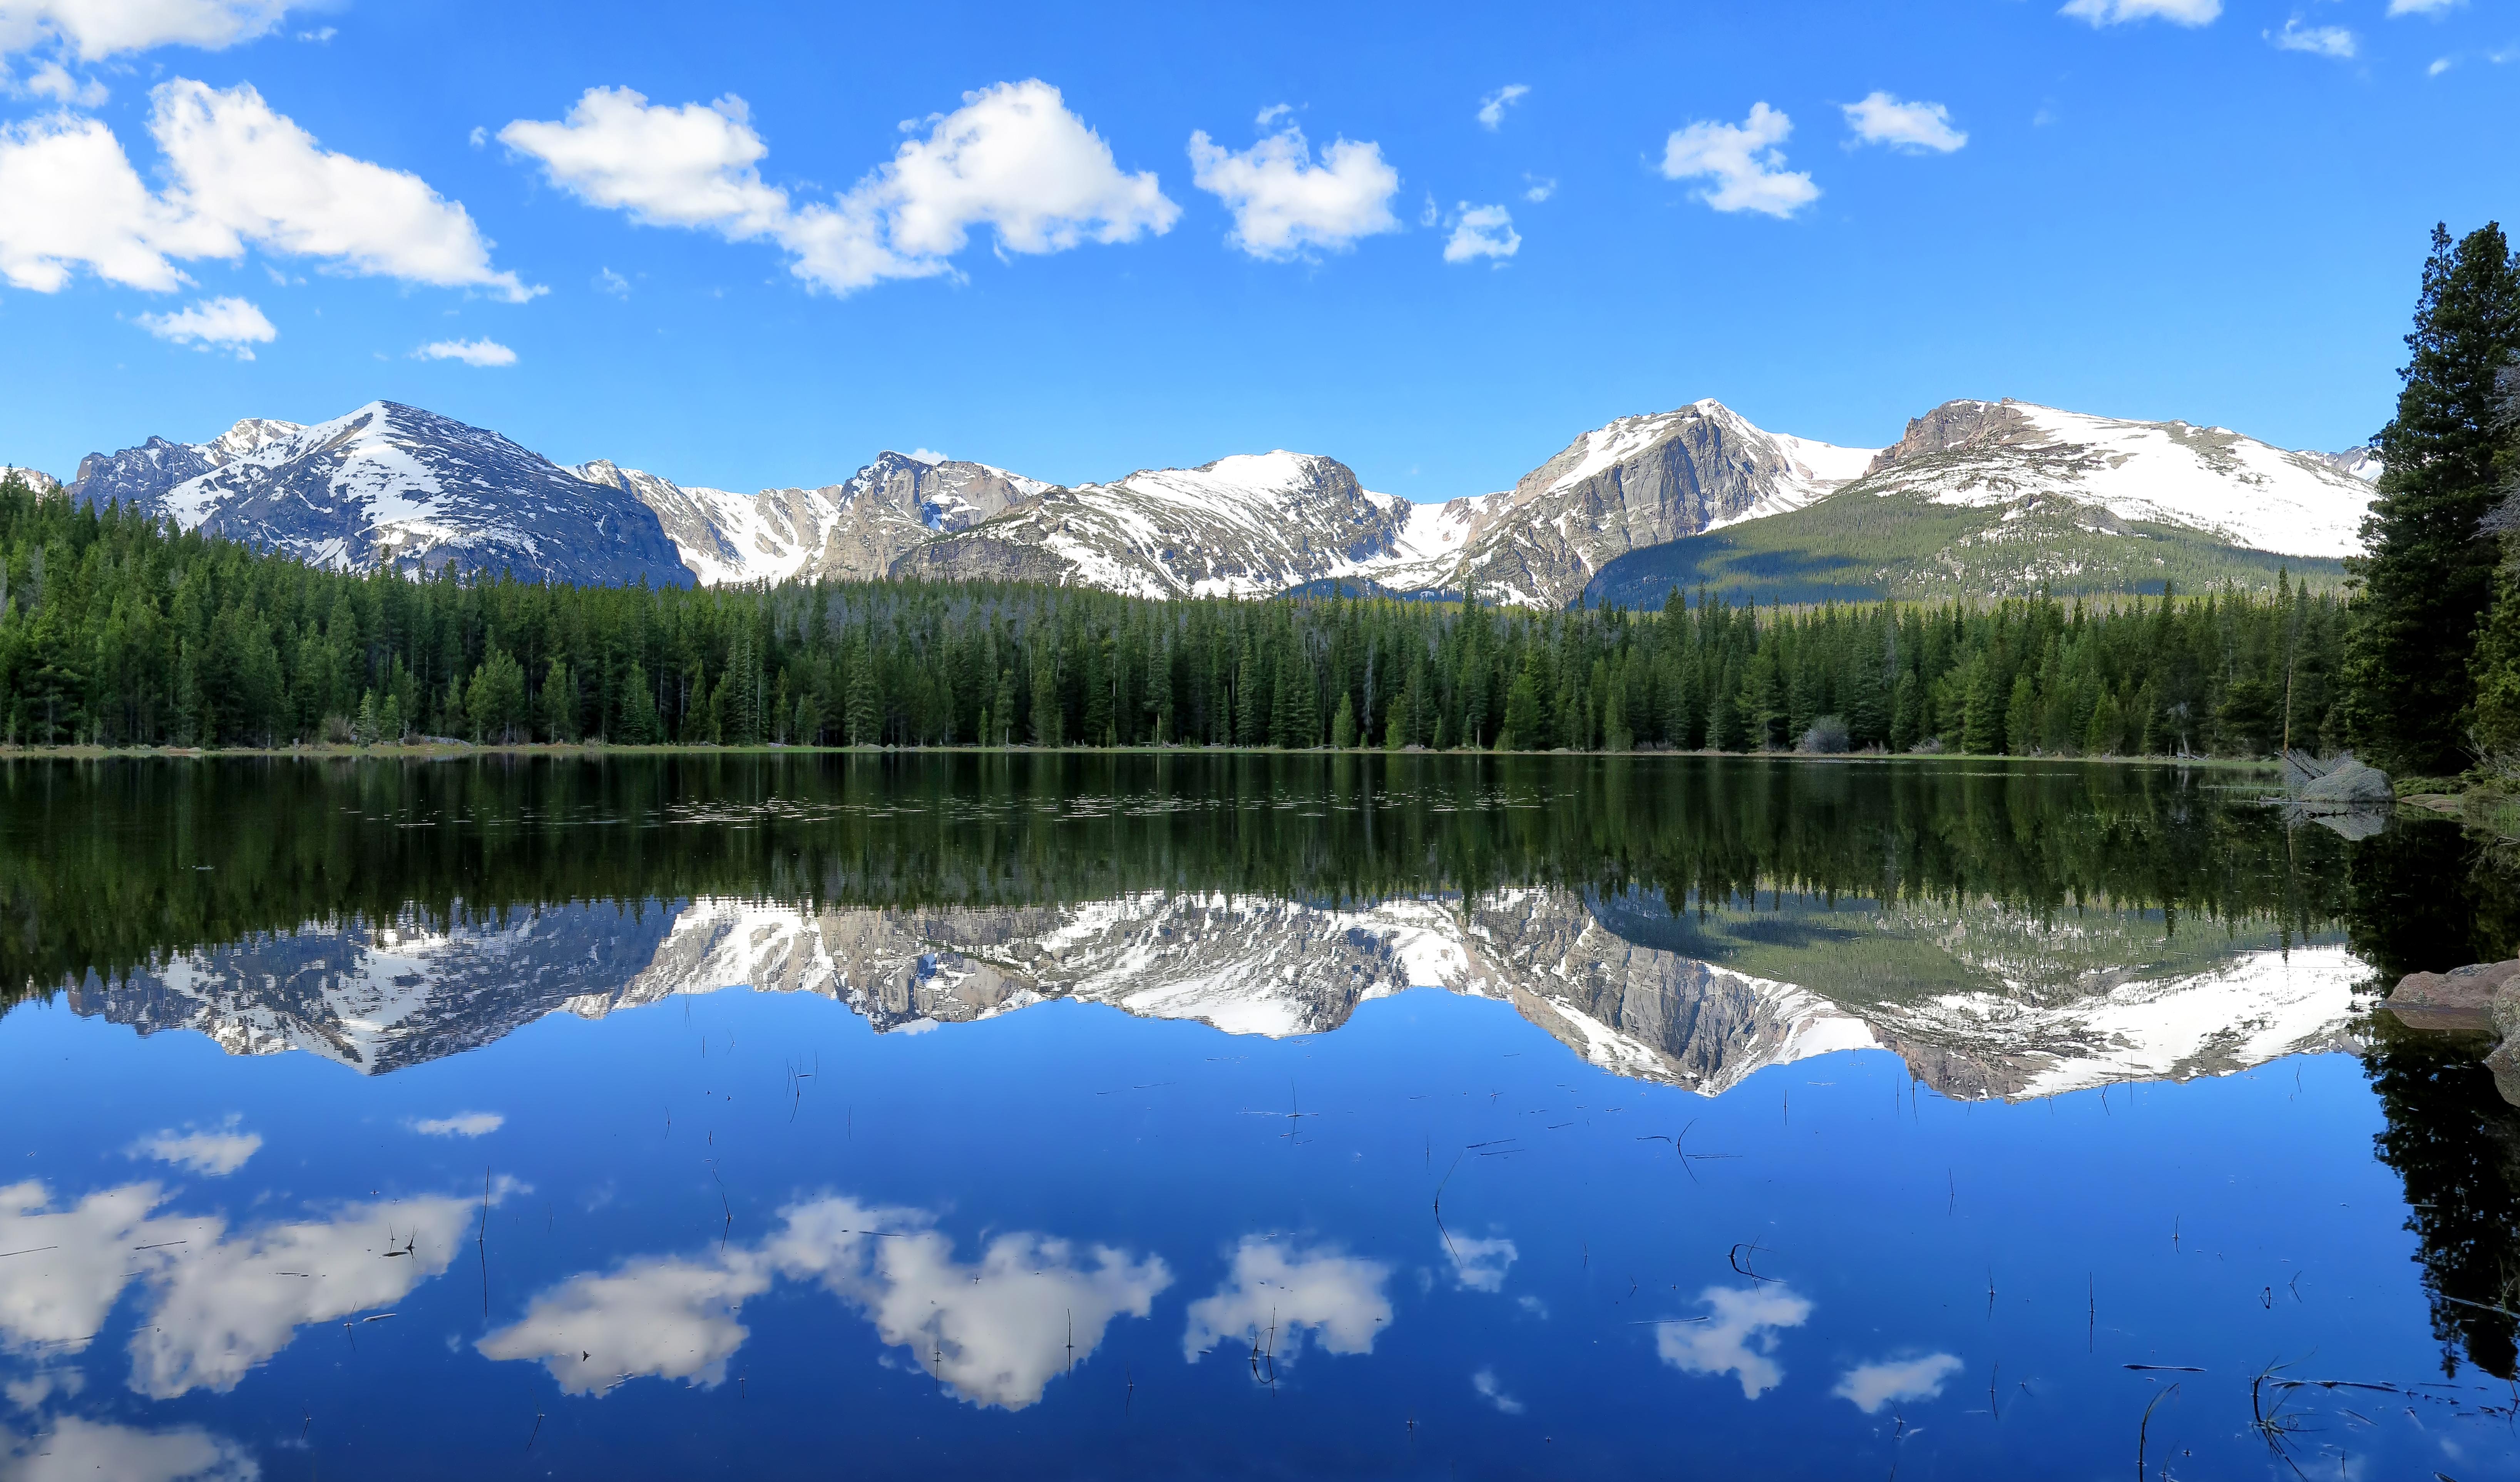 Image of Colorado